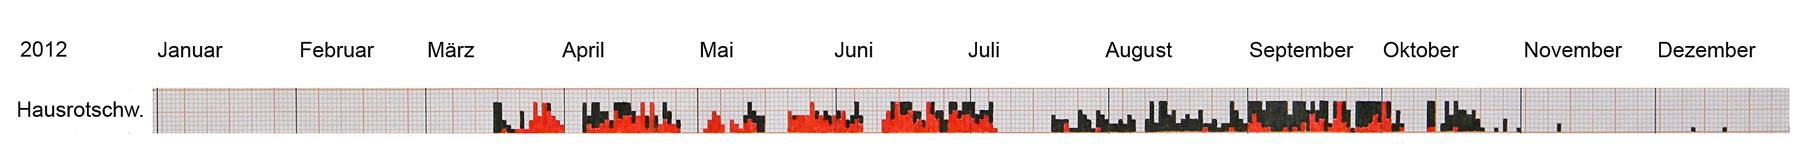 Grafische Darstellung von täglichen Zufallsbeobachtungen von Hausrotschwänzen im Kr. UN aus dem gesamten Jahr 2012, wobei bis 5 mm Säulenhöhe jeweils bis zu 5 Individuen gemeint sind (7 mm entsprechen mehr als 5 Ex), singende Individuen sind jeweils rot dargestellt, 03.09.2017 Foto: Bernhard Glüer